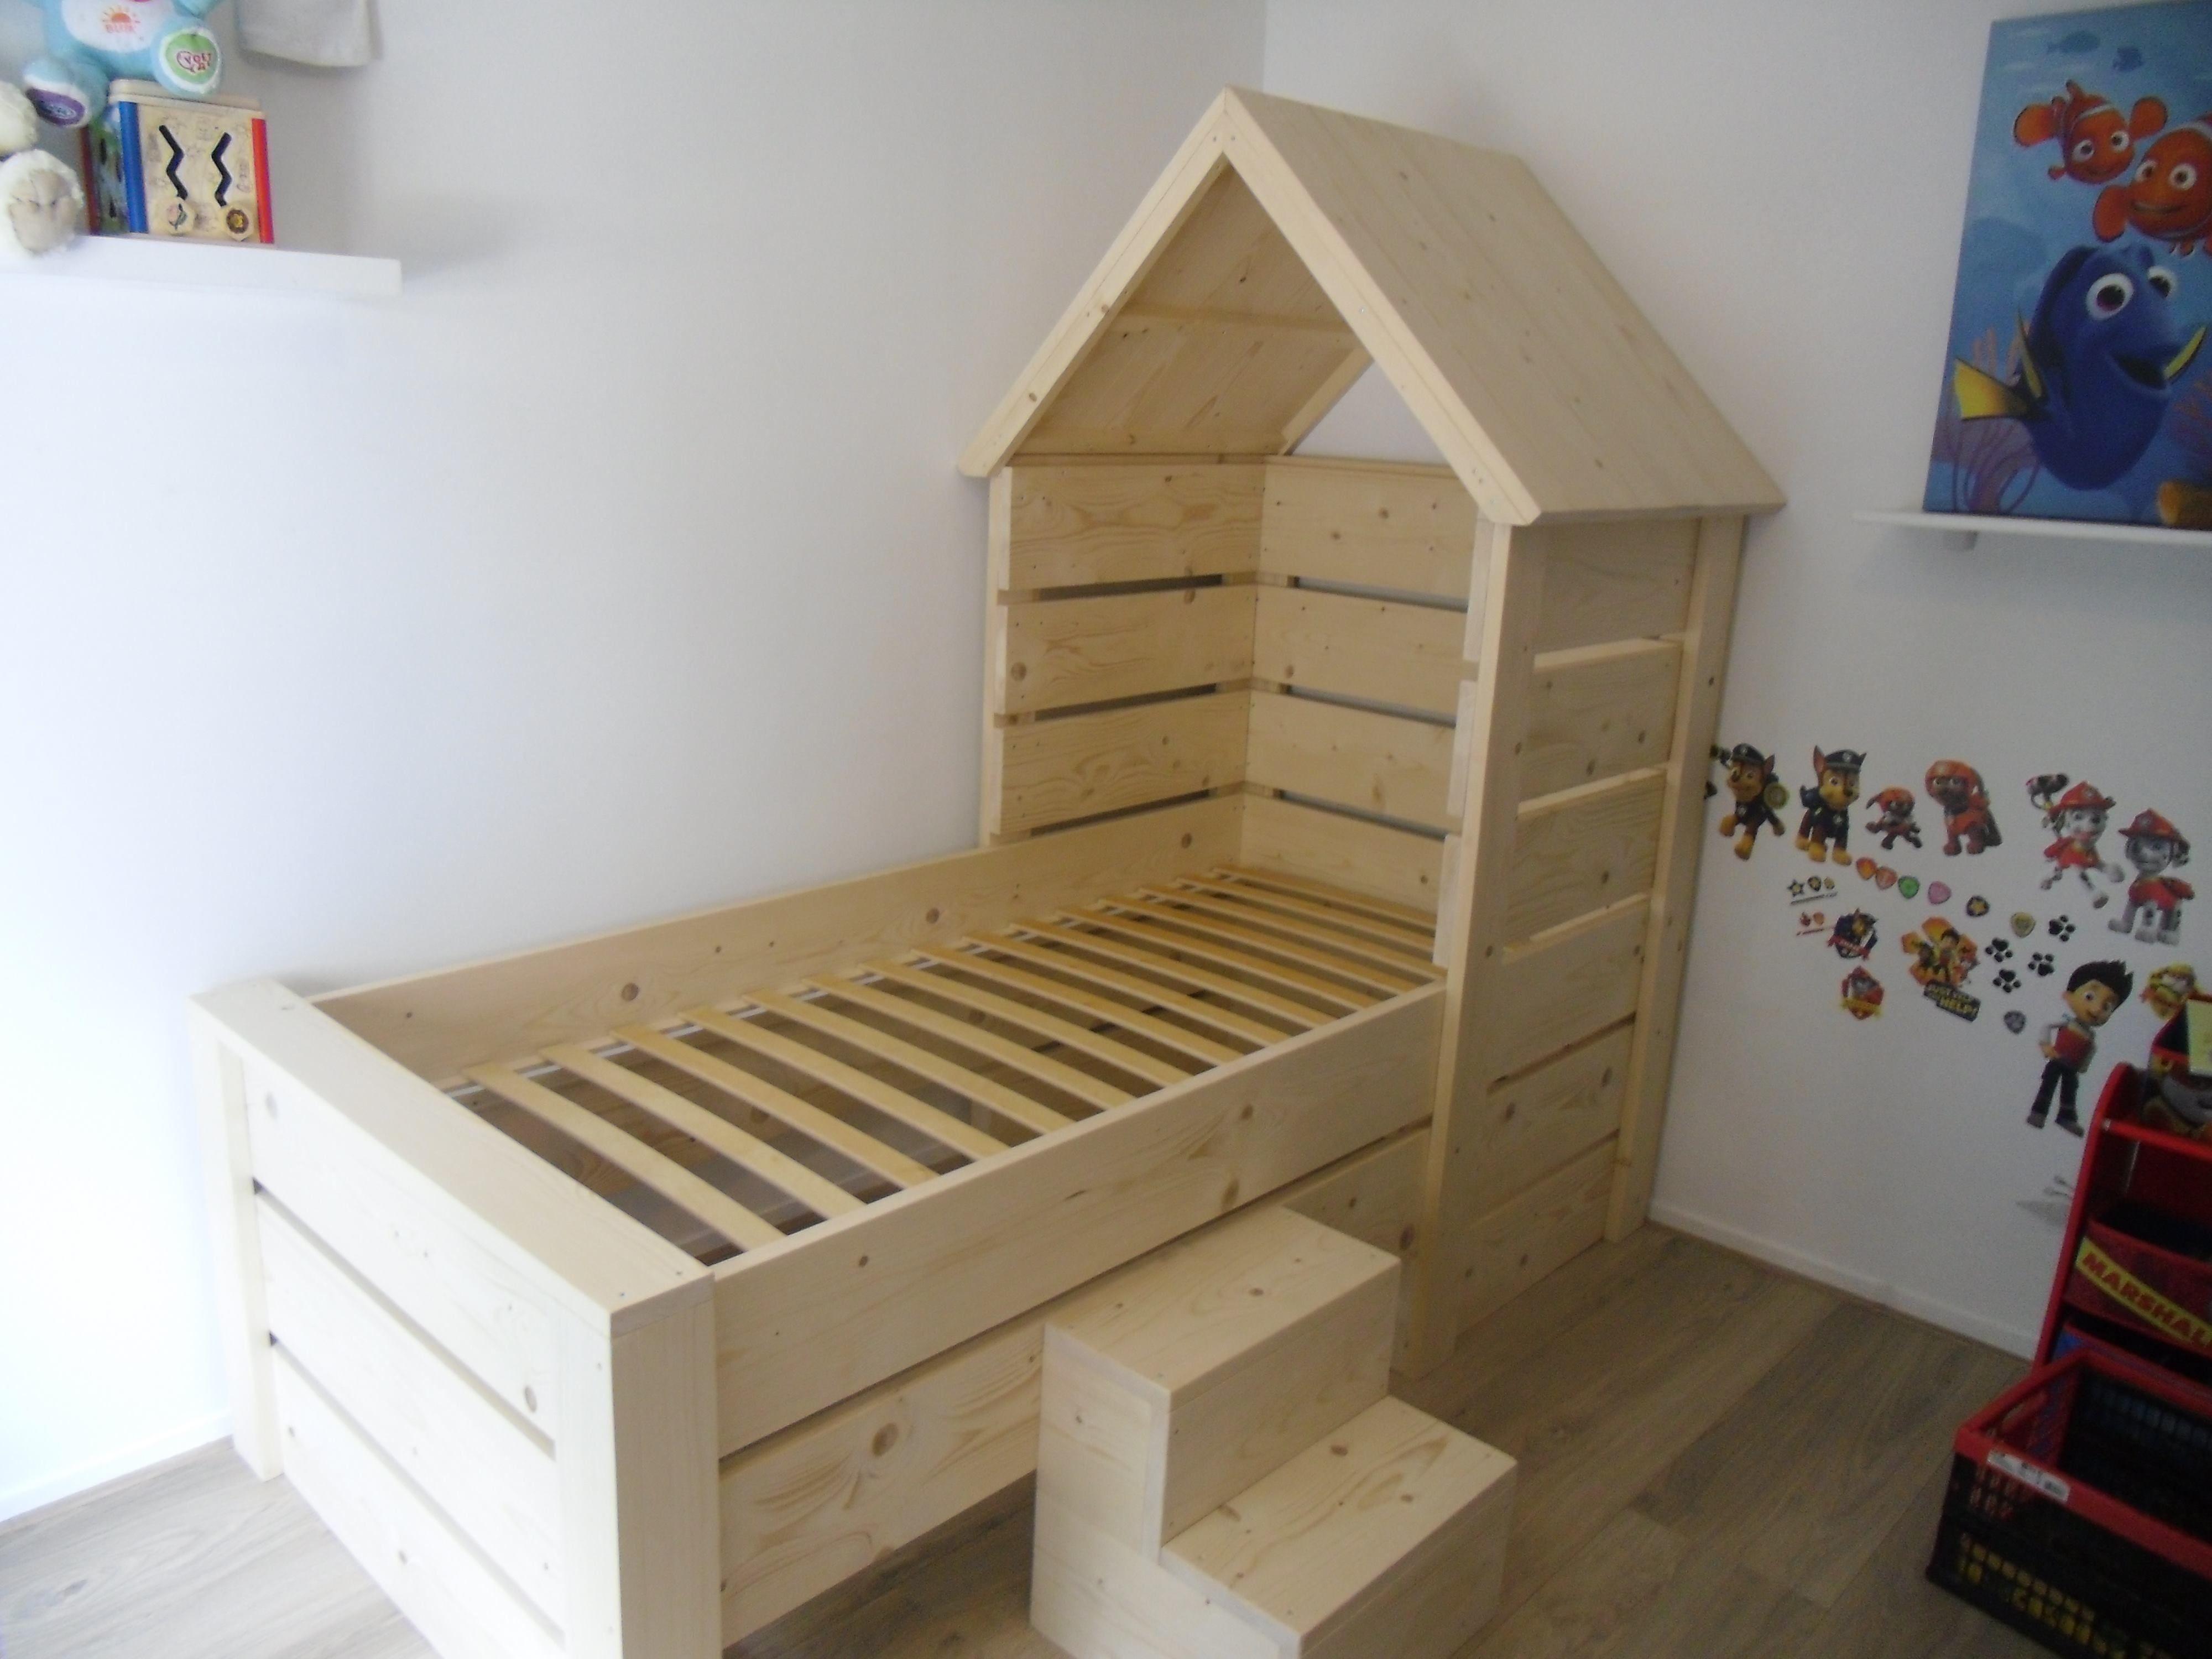 Meubels Voor Kinderkamers : Zon steigerhout meubels kinderbed met huisje merel is geschikt